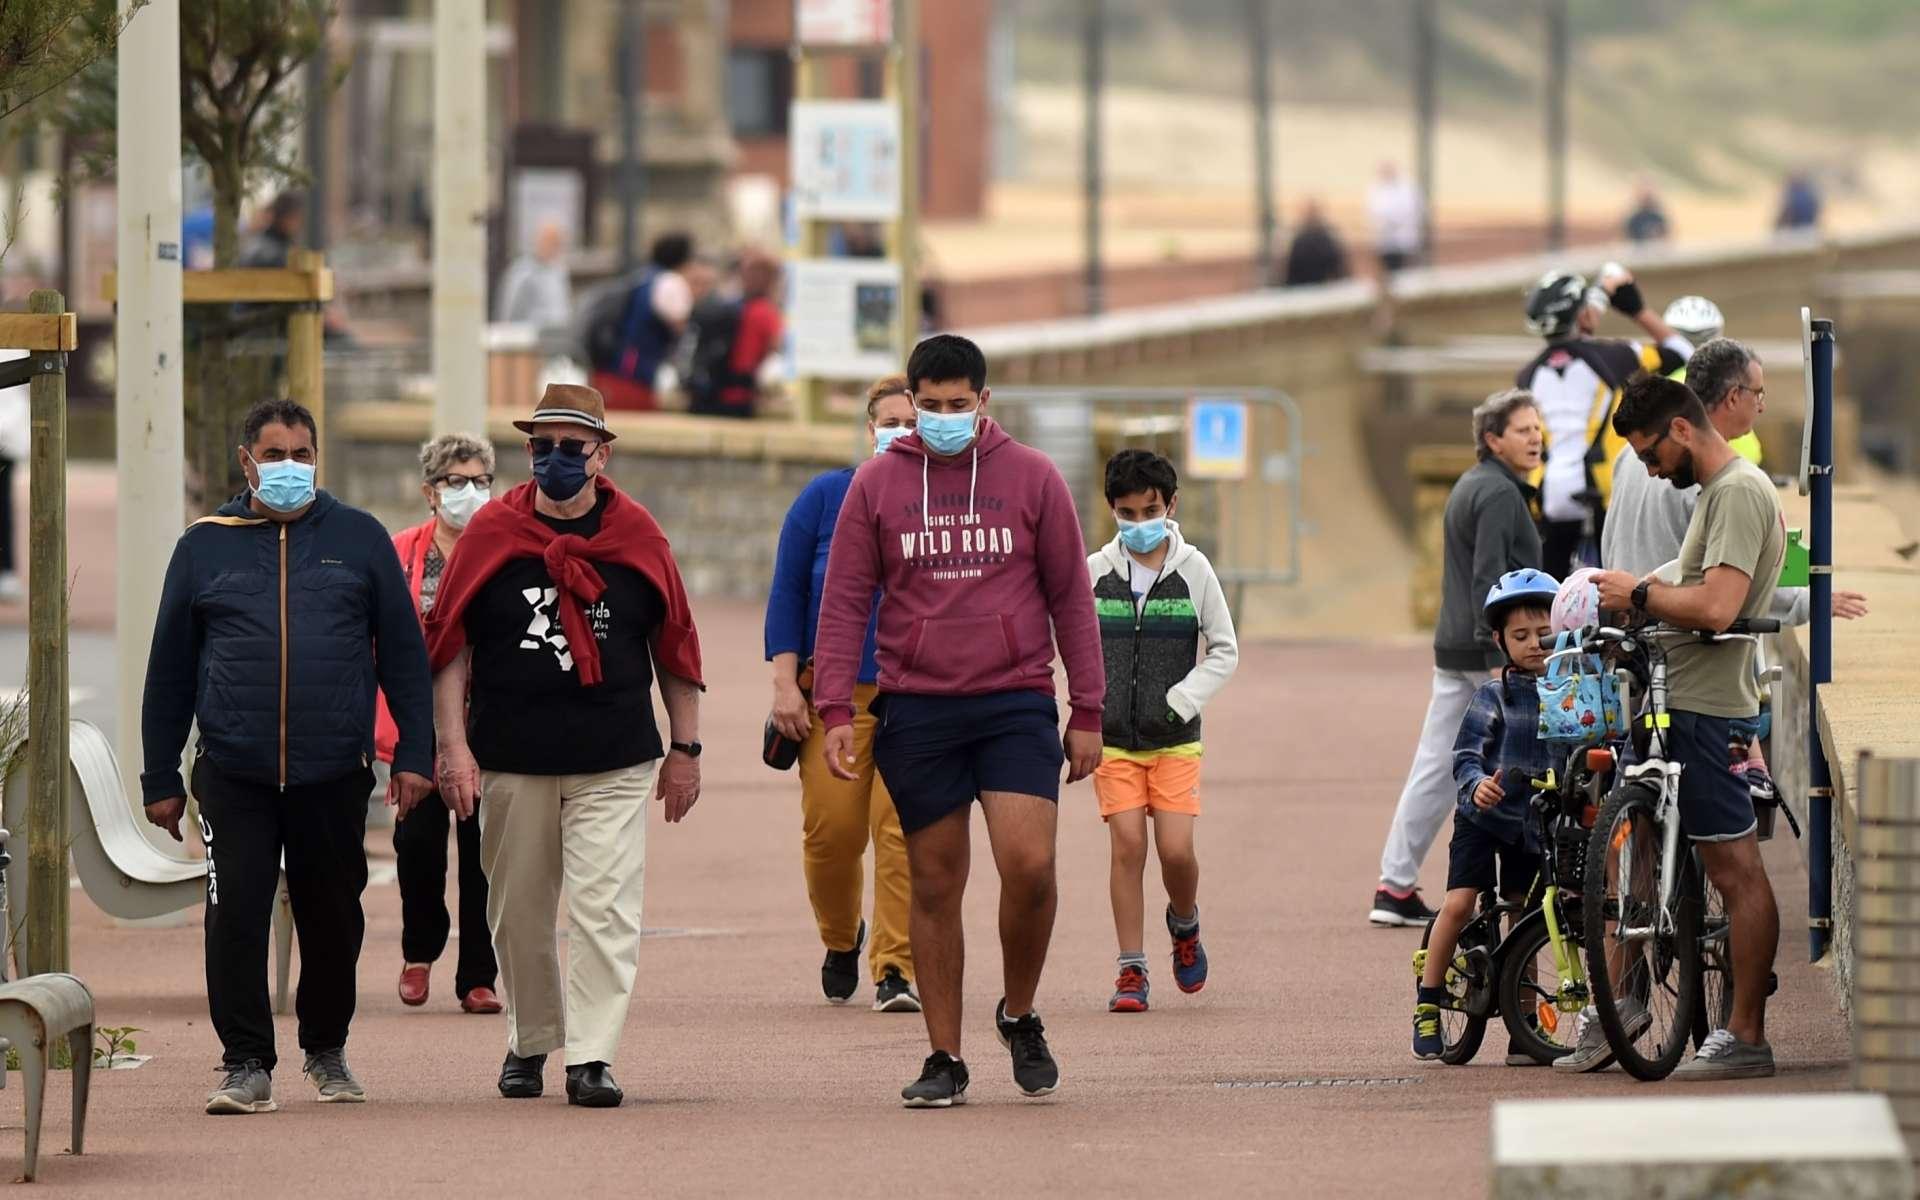 Les personnes asymptomatiques, porteuses du virus de la Covid-19, perdent plus rapidement leurs anticorps, selon une étude britannique. © Gaikza Iroz, AFP